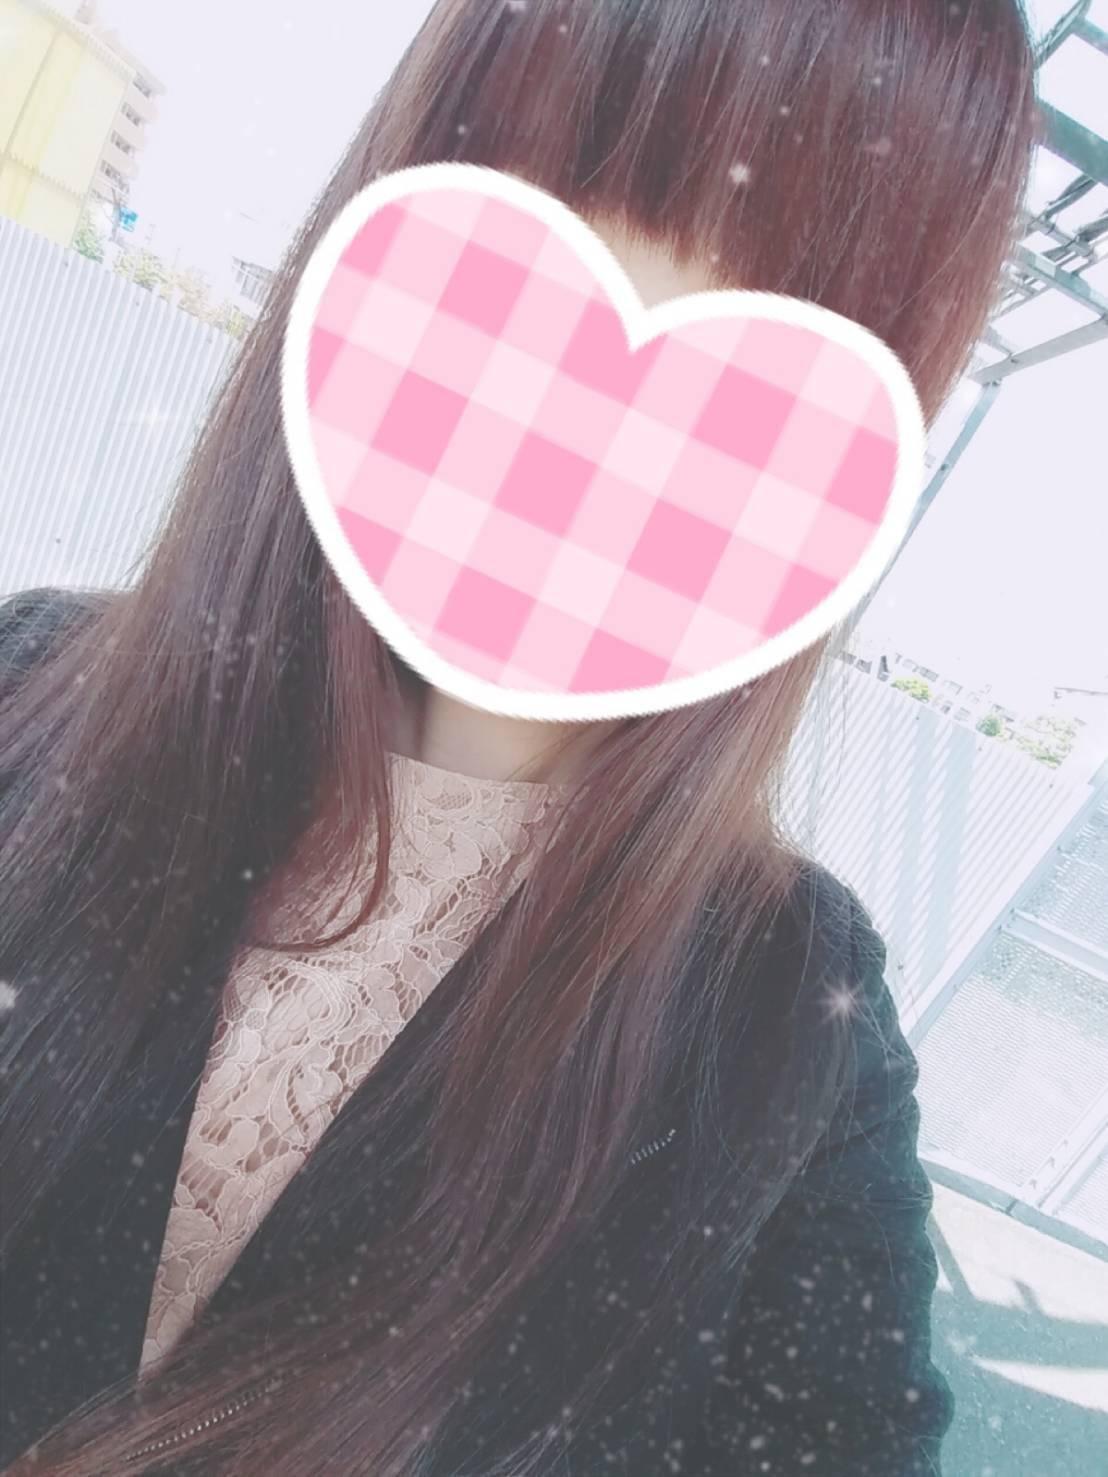 「待機中です(^-^*)」11/15(11/15) 16:02 | ひまりの写メ・風俗動画